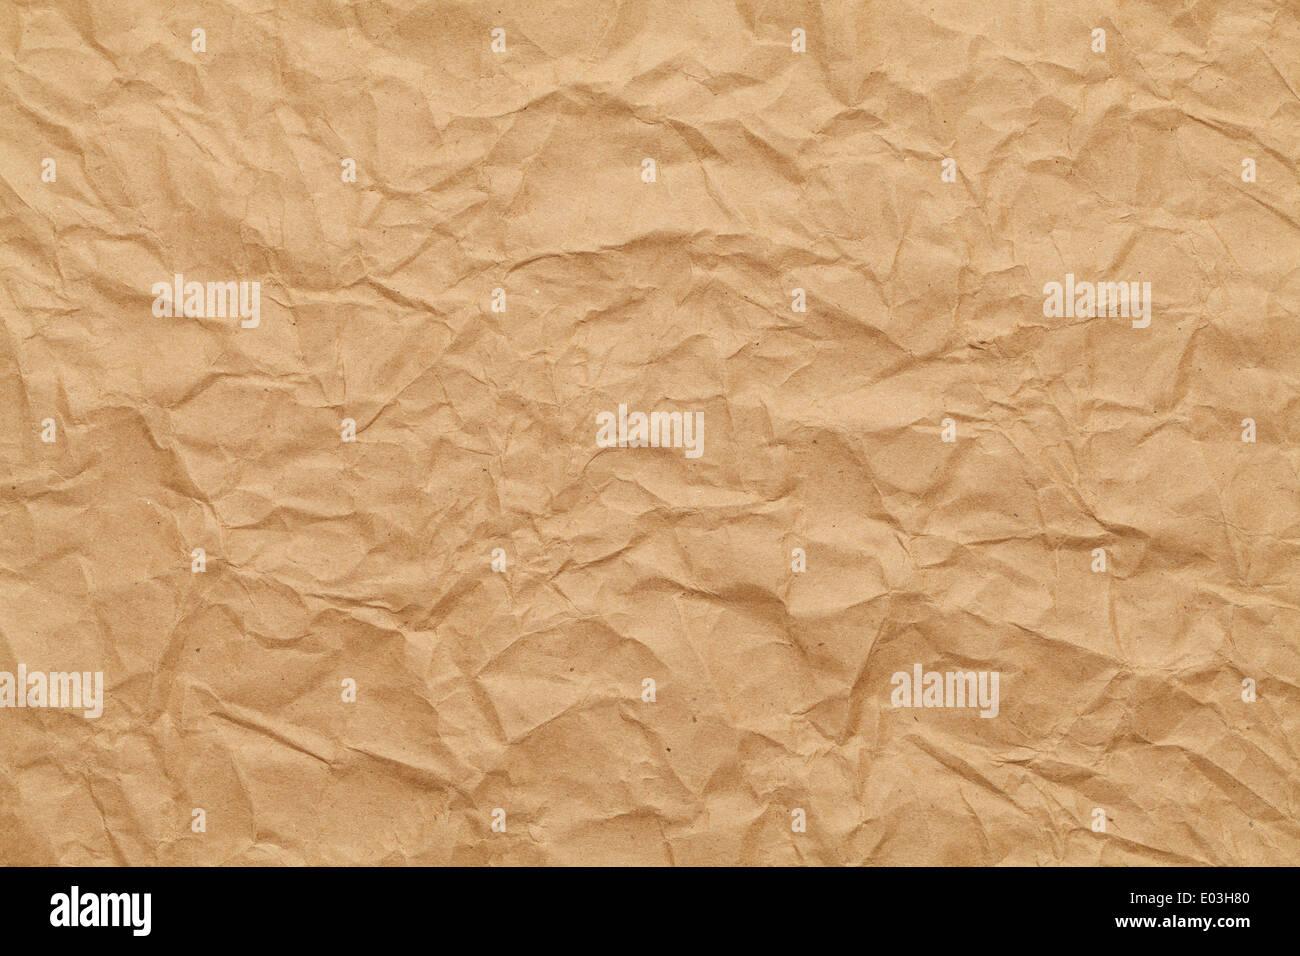 Papier d'emballage brun froissé l'arrière-plan. Photo Stock